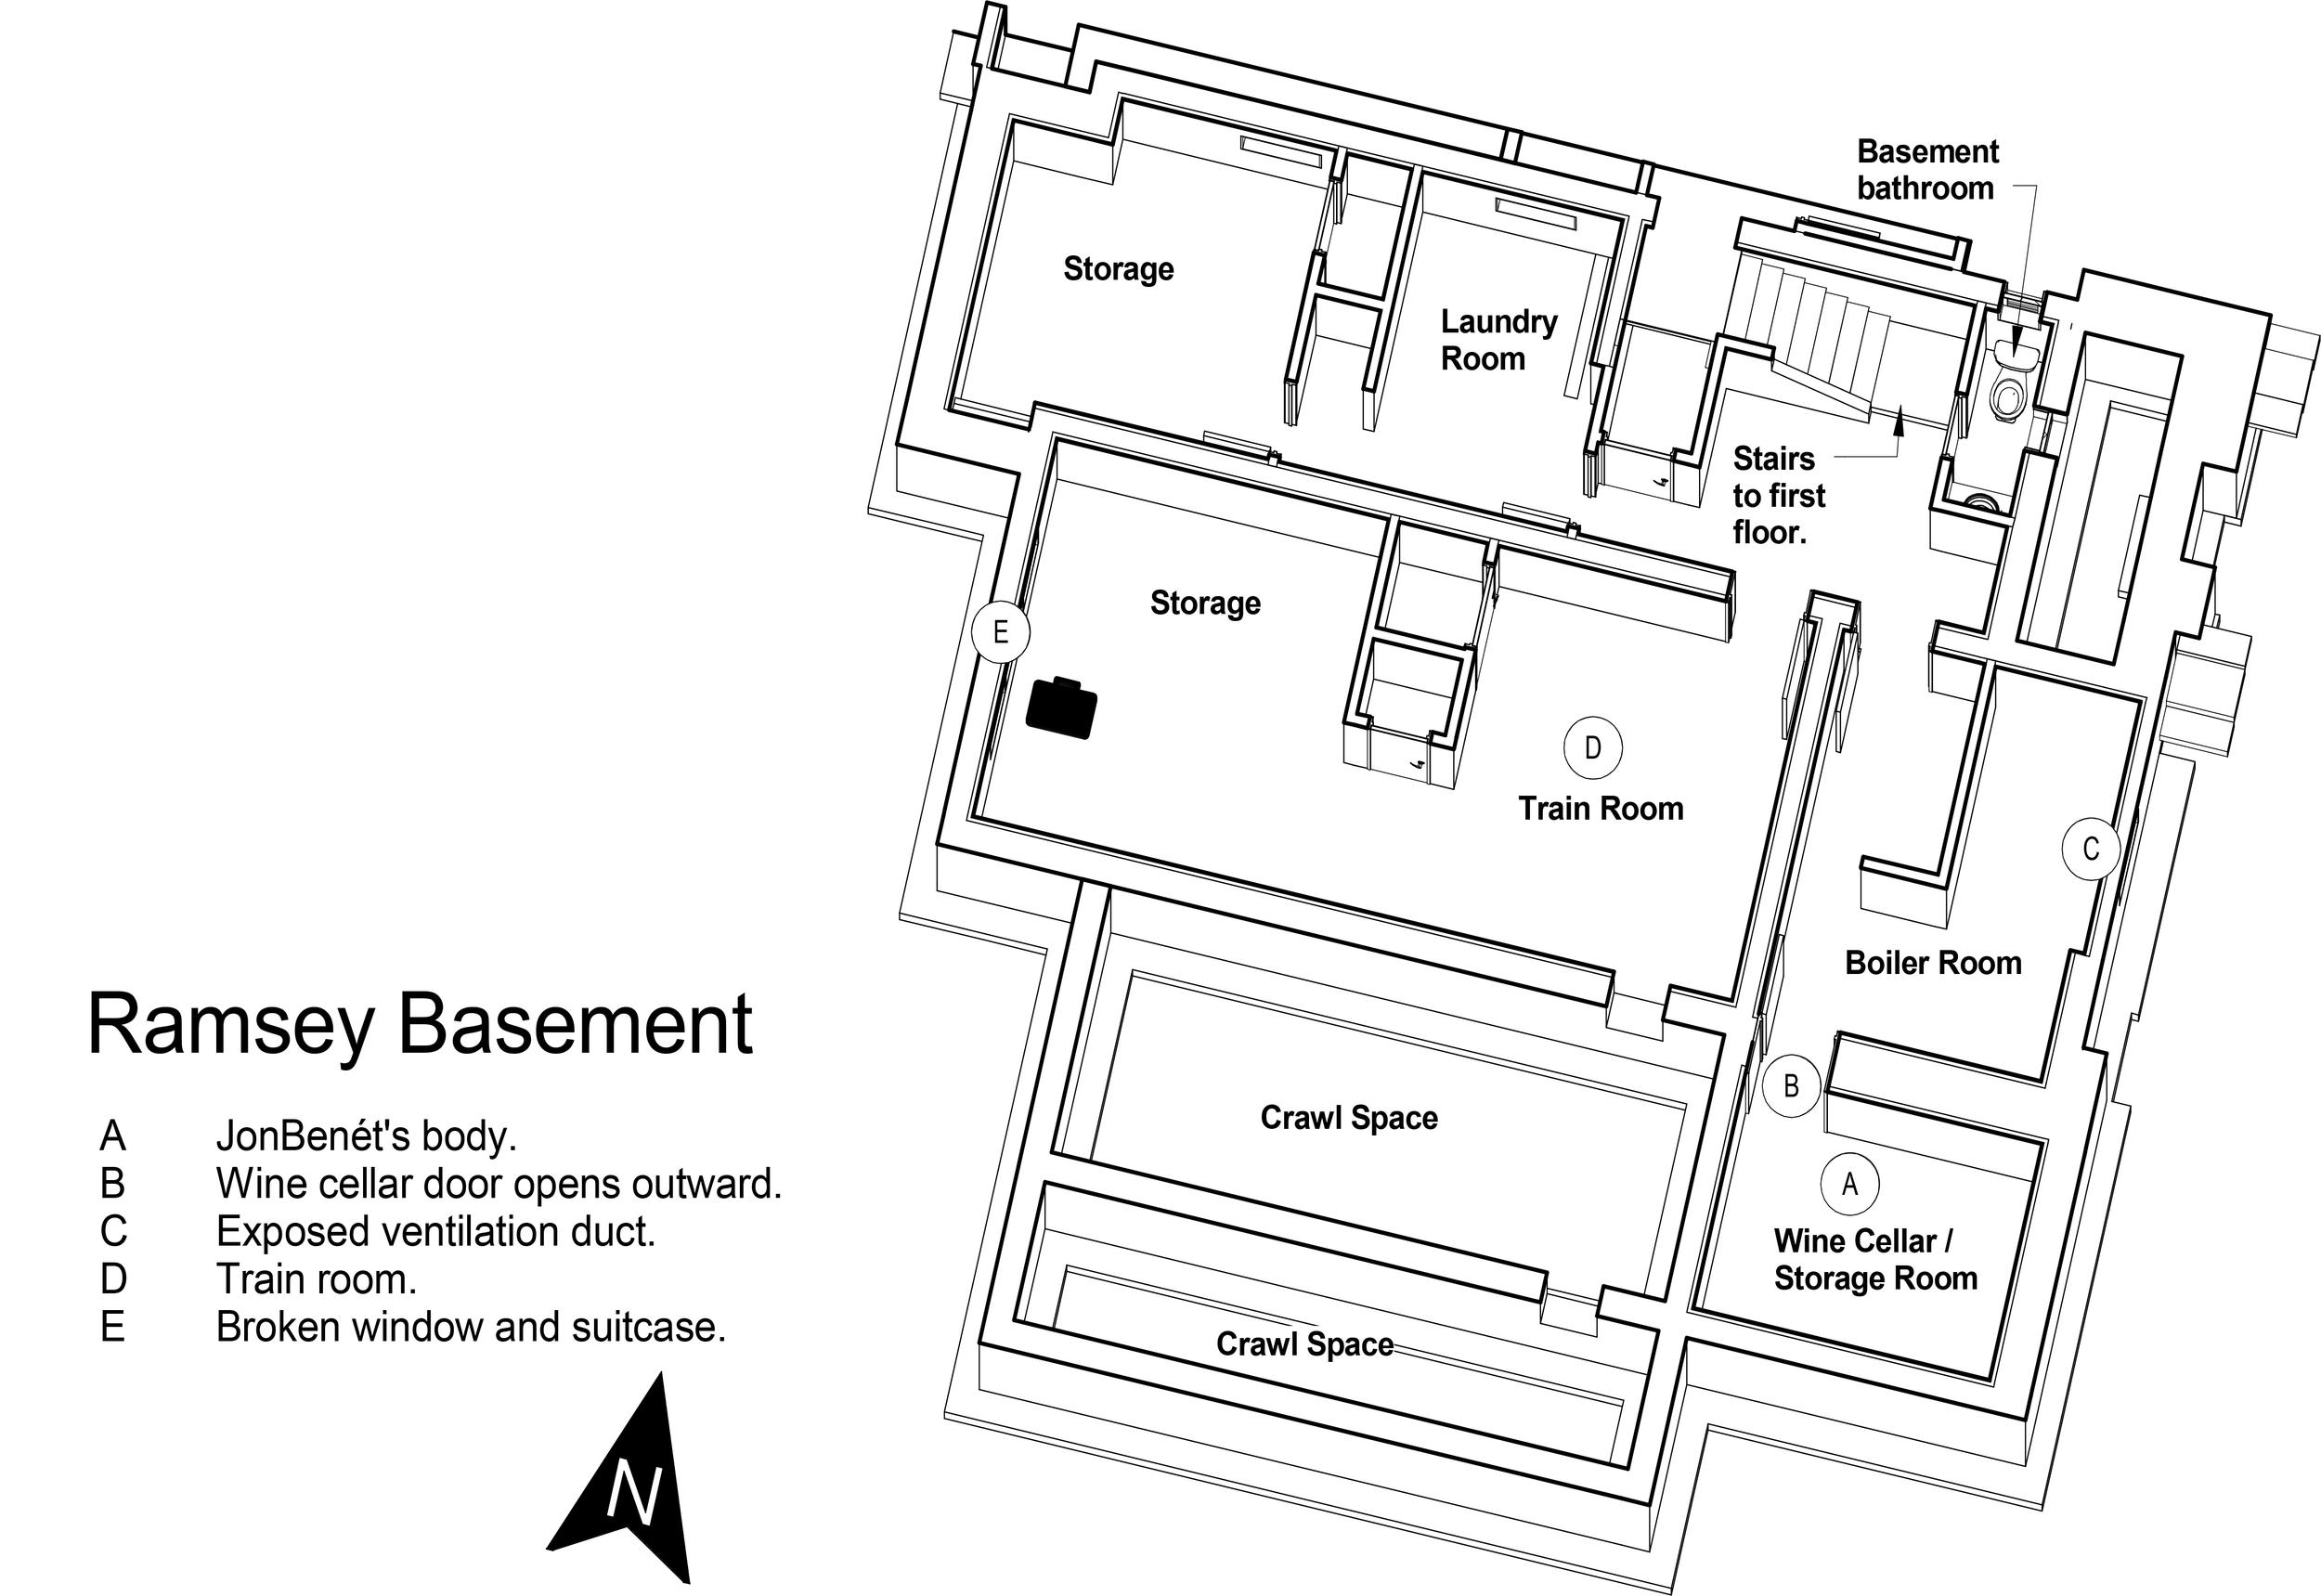 Ramsey Basement